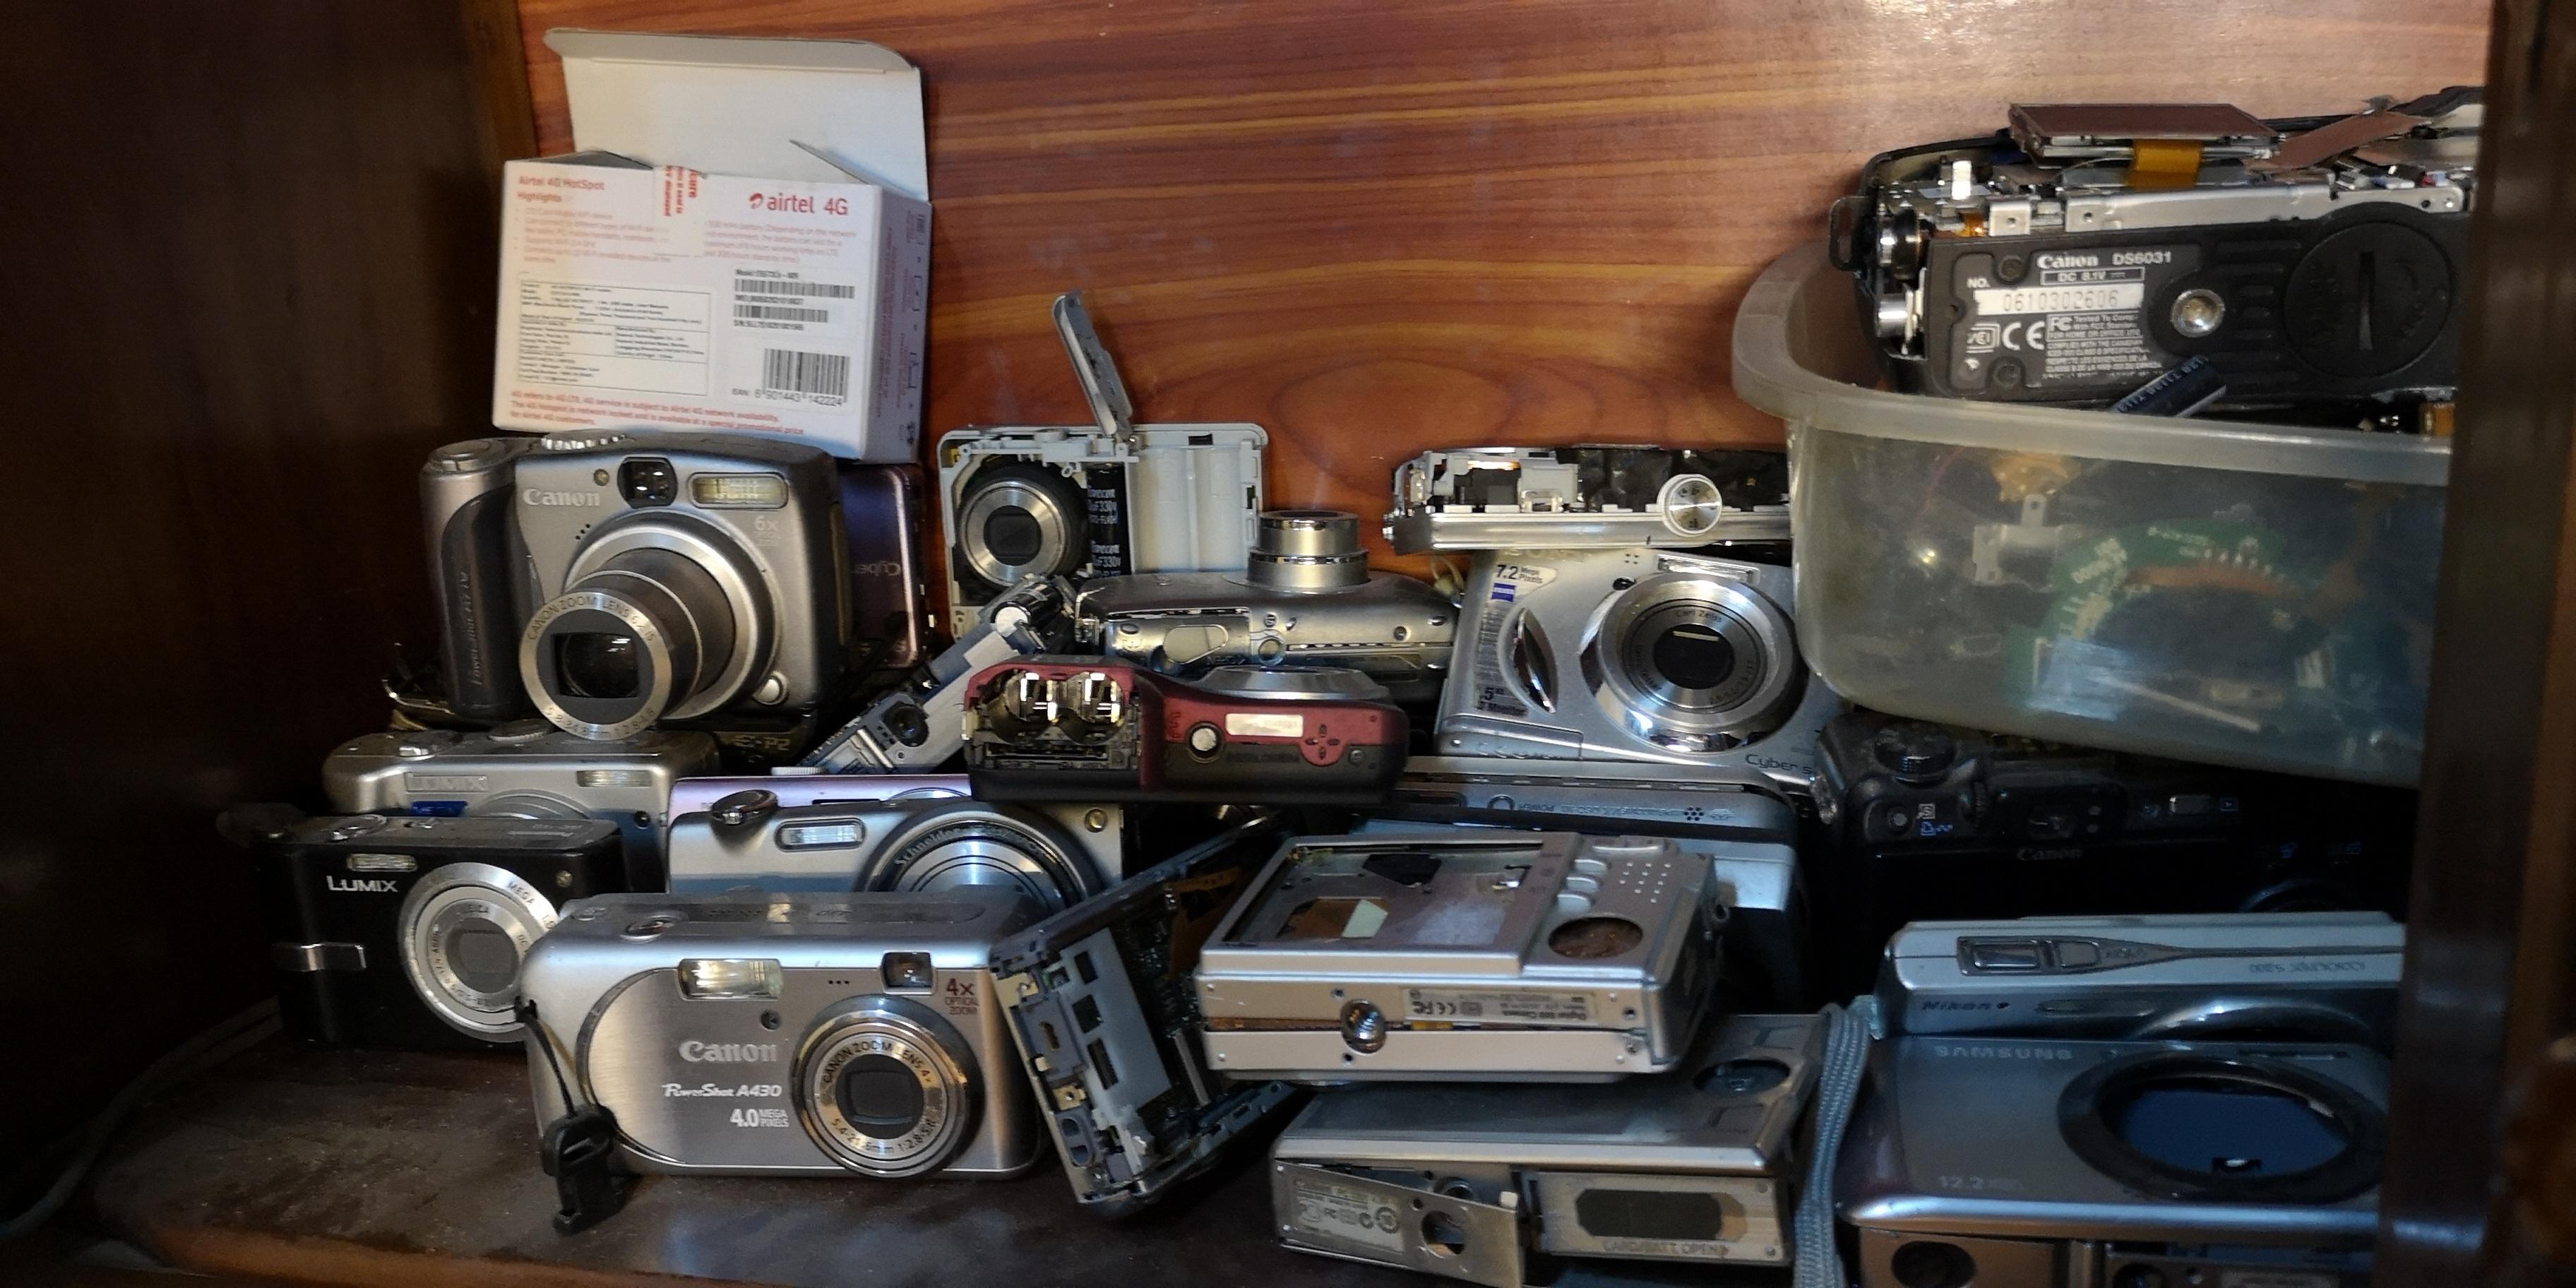 Nghệ nhân 4 đời sửa máy ảnh ở Hà Nội trải lòng về nghề xoay vặn - 5